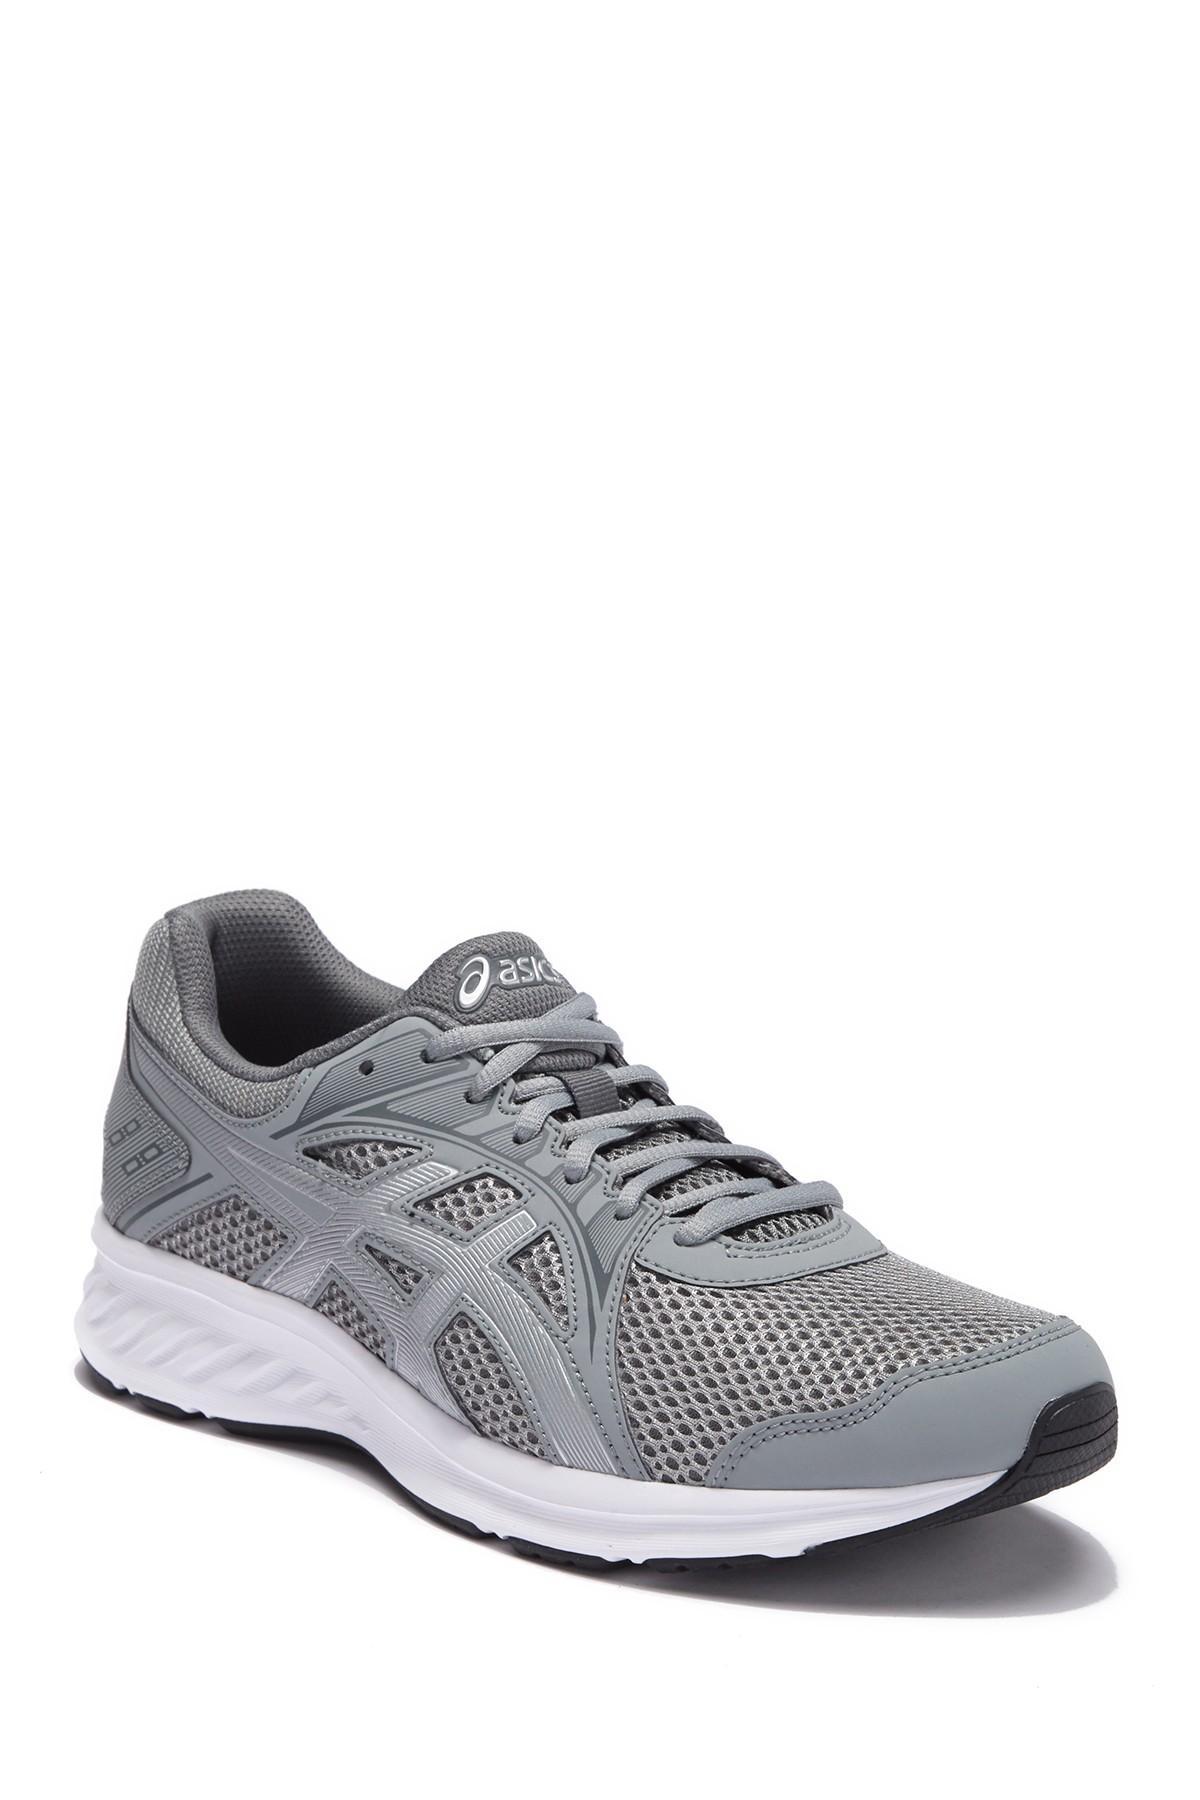 5fe46606c5b6 Lyst - Asics Jolt 2 Running Sneaker in Gray for Men